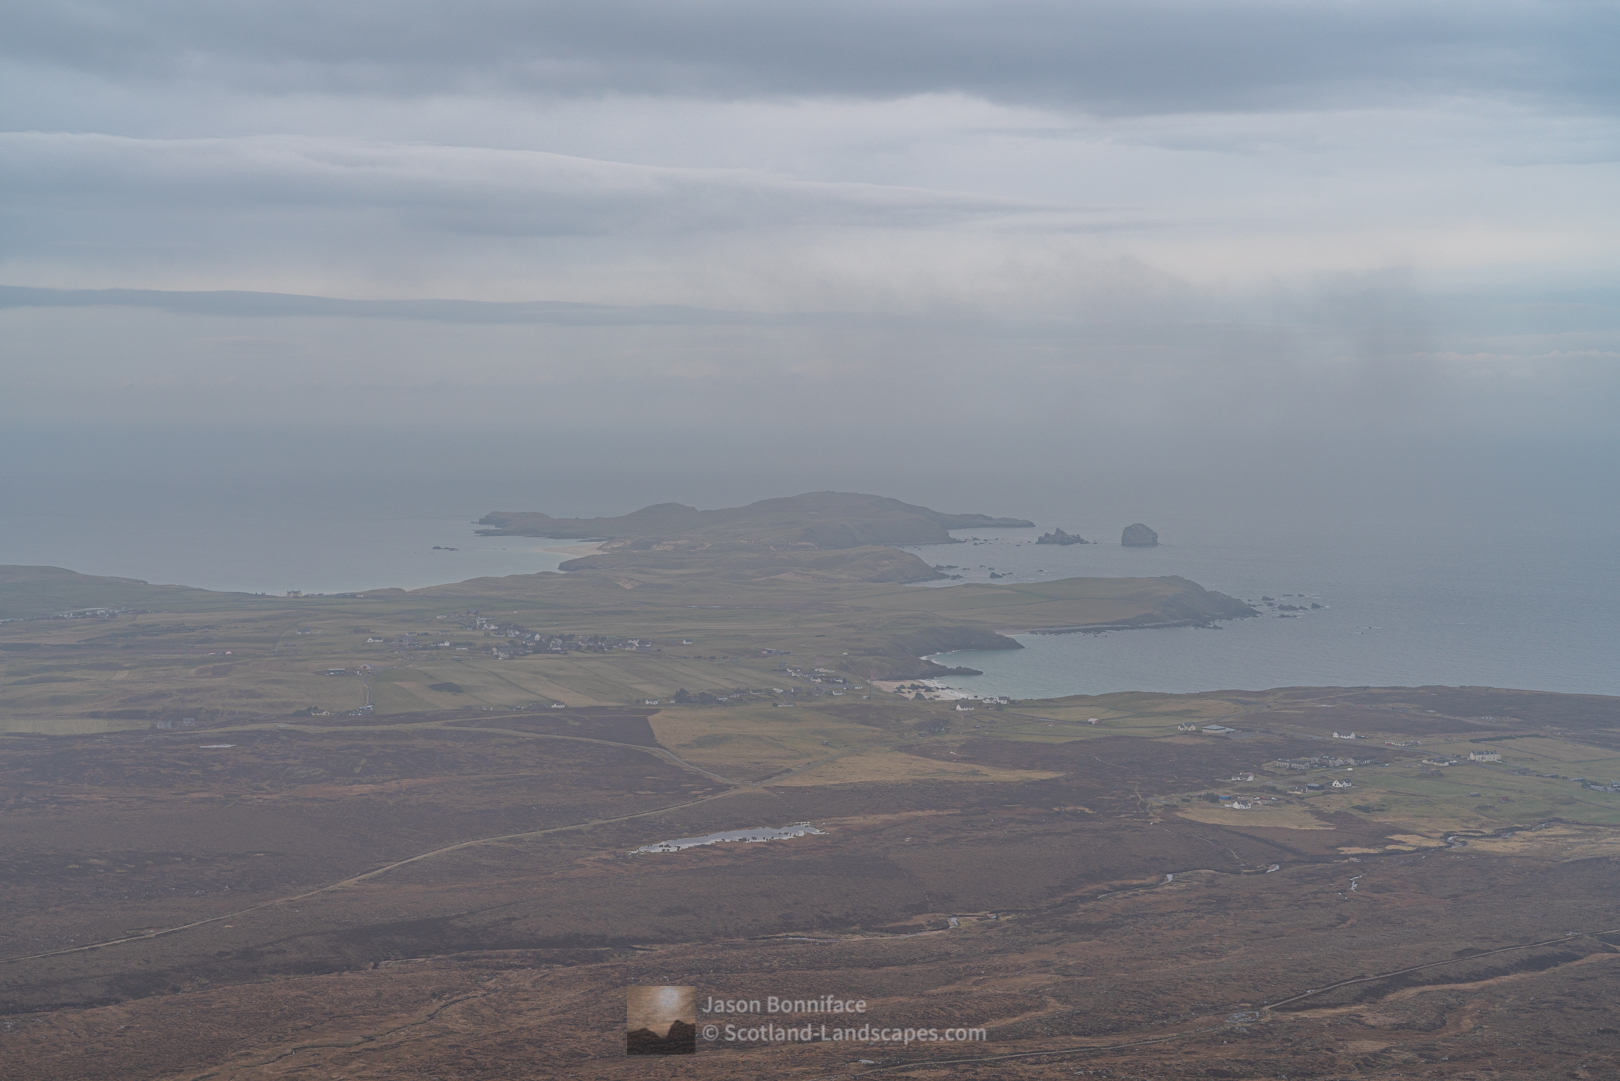 A view through mist to Durness and the headland of An Fharaid (Faraid Head) from the summit of Beinn Ceannabeinne